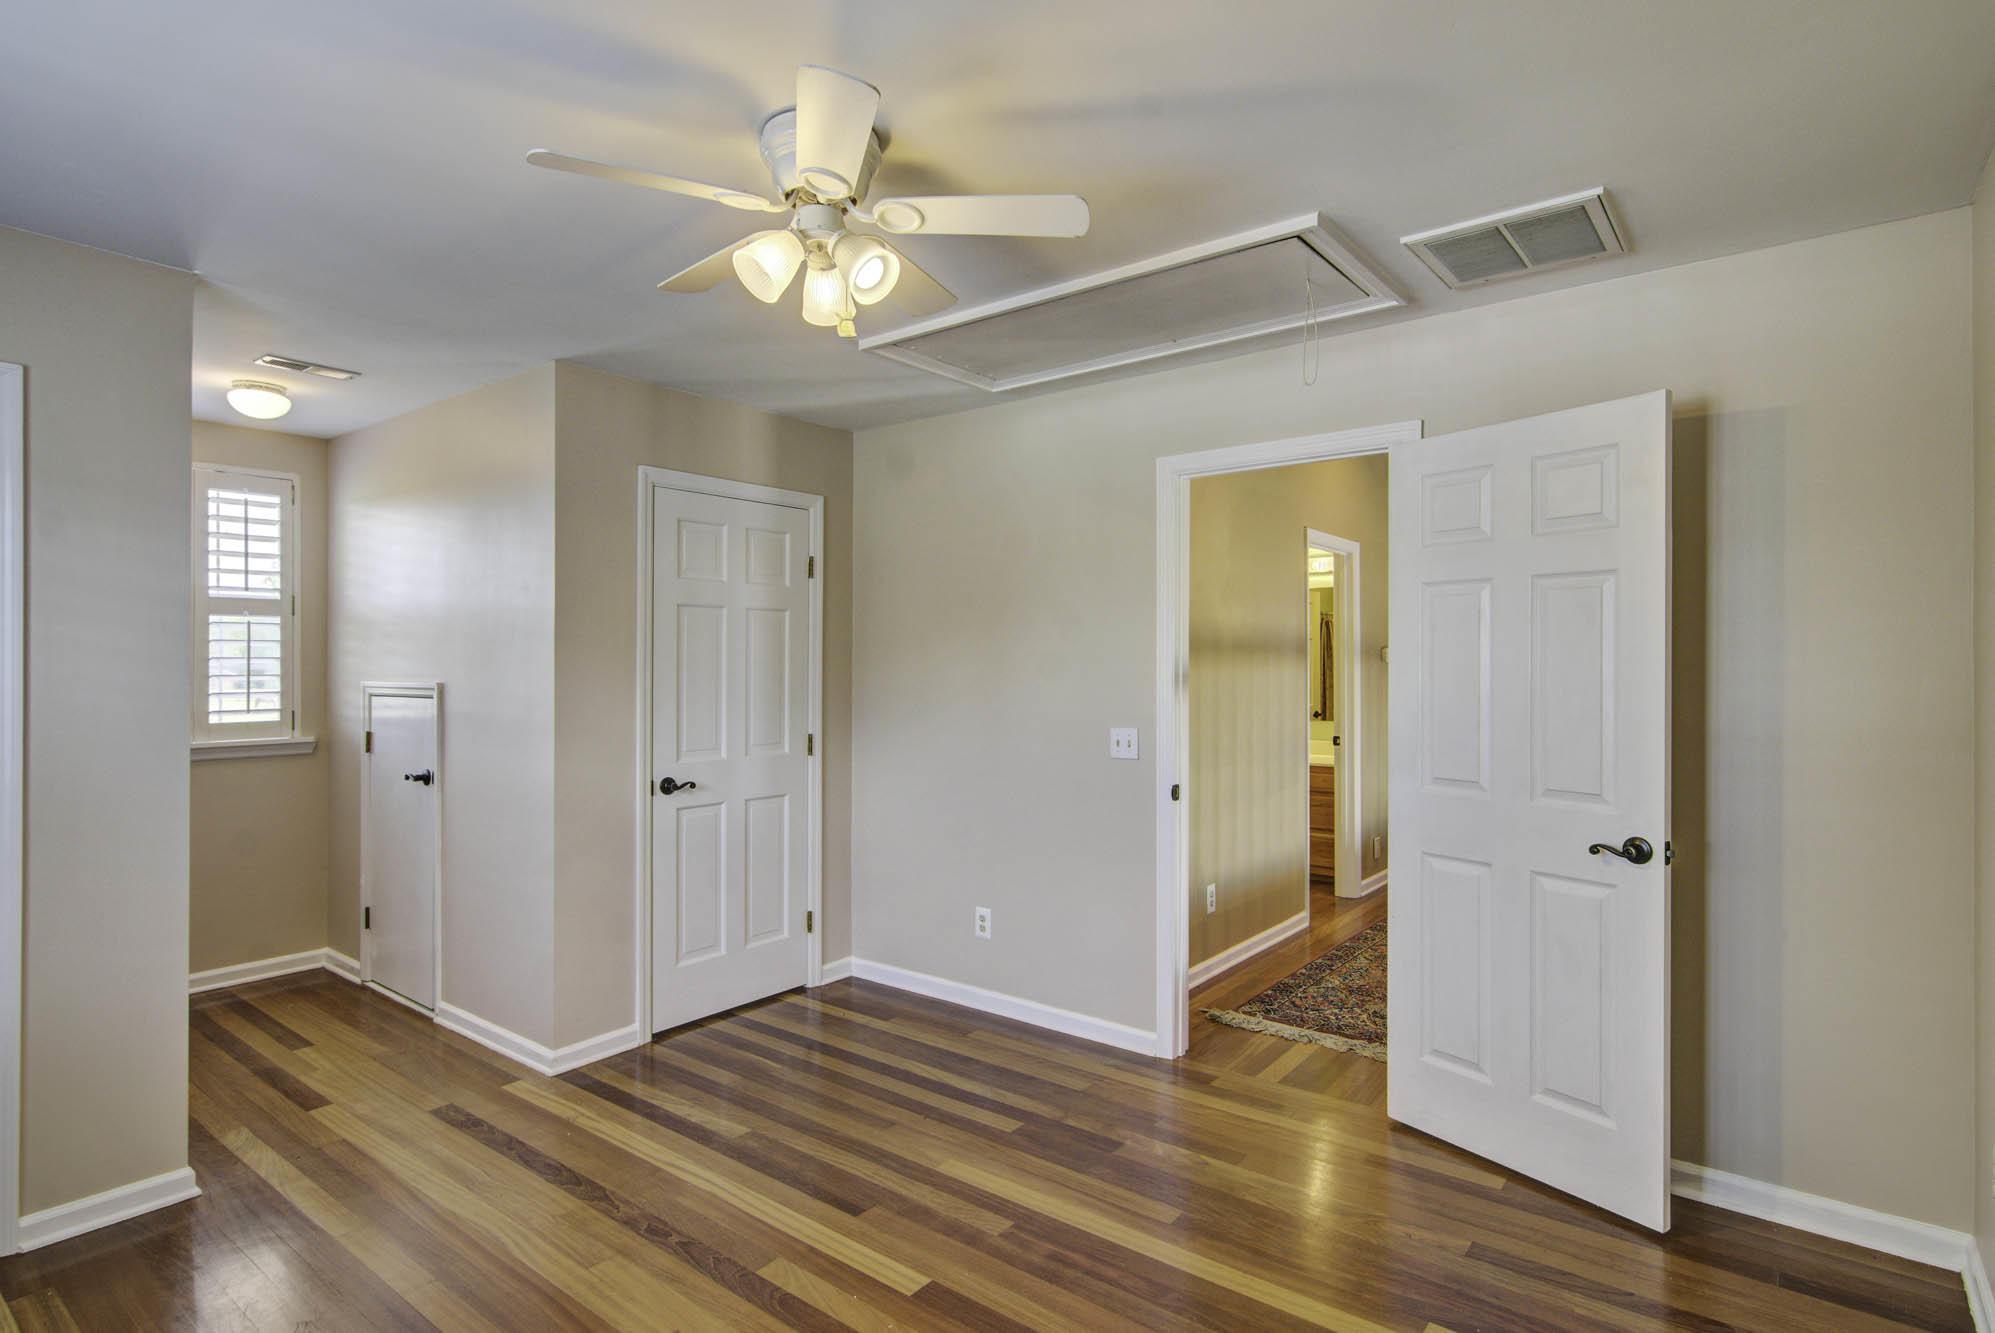 Walton Grove Homes For Sale - 119 Walton Grove, Summerville, SC - 32